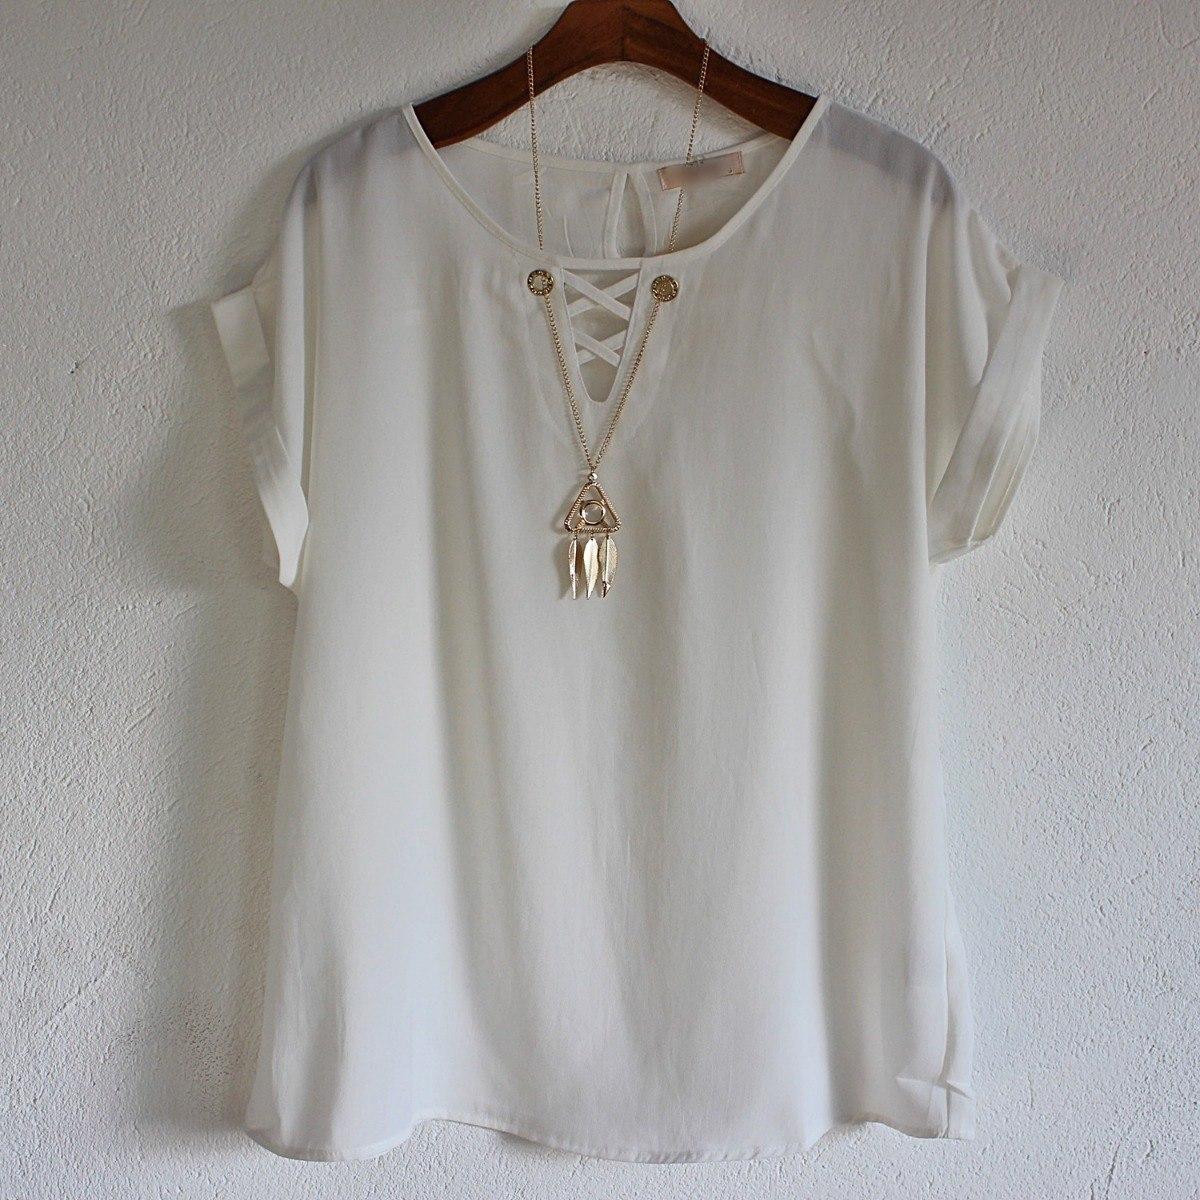 9ceeccbf62 blusa camisa social feminina plus gg natal reveillon 2503. Carregando zoom.